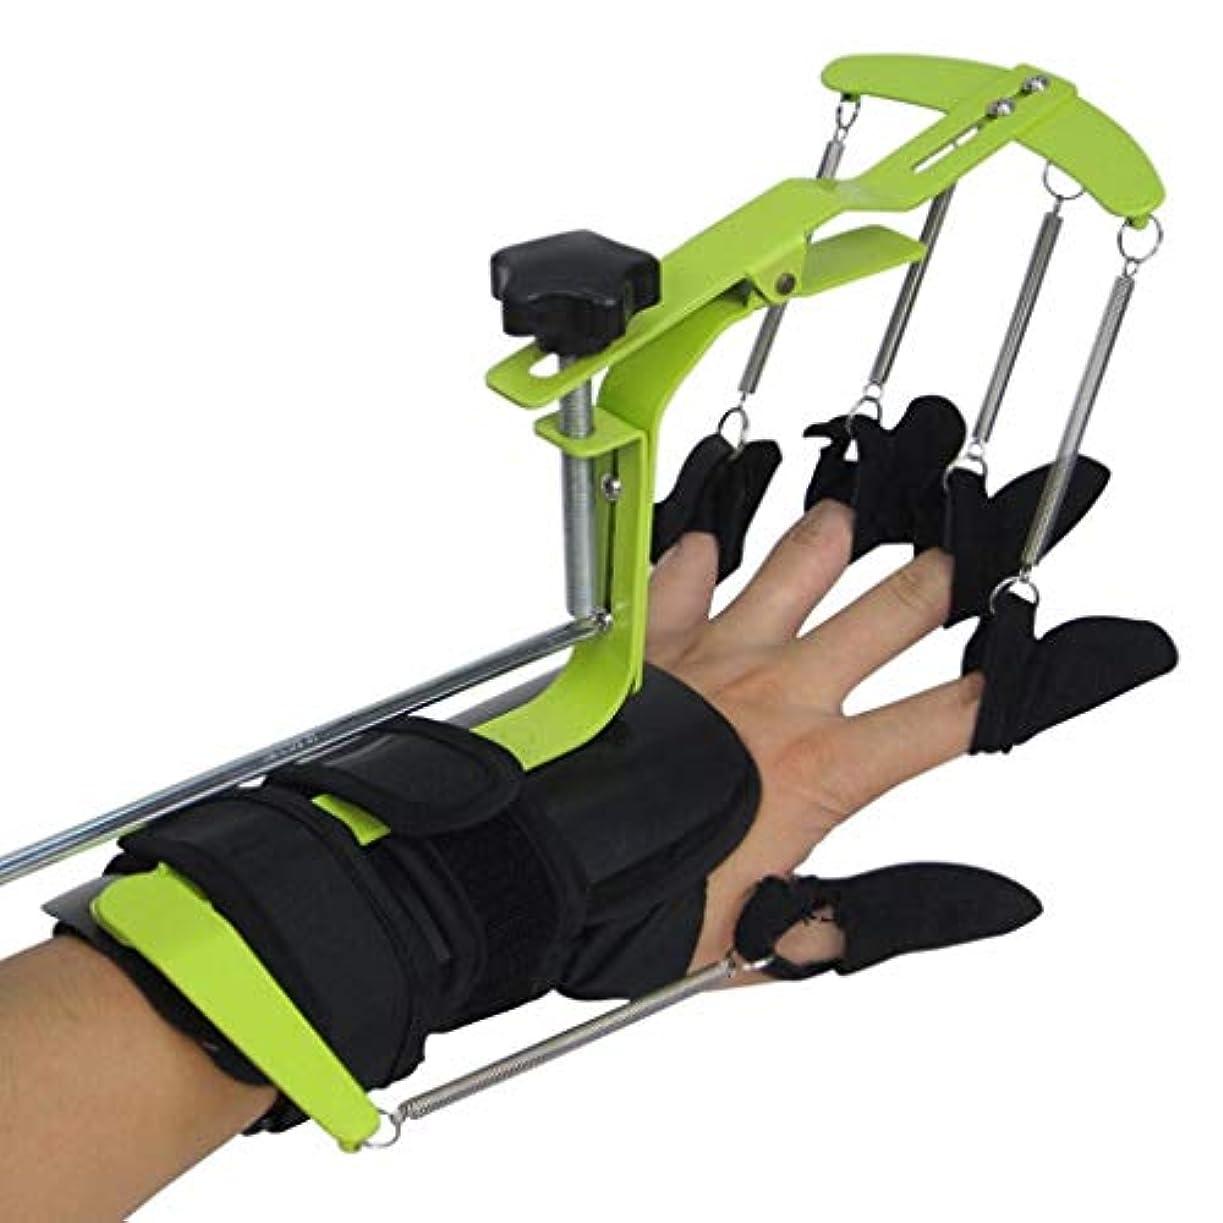 豊富ハイキング遅らせる調整可能 フィンガー装具 フィンガートレーニング機器 エクサ?クリップ?ボード 片麻痺の脳性麻痺リハビリテーション